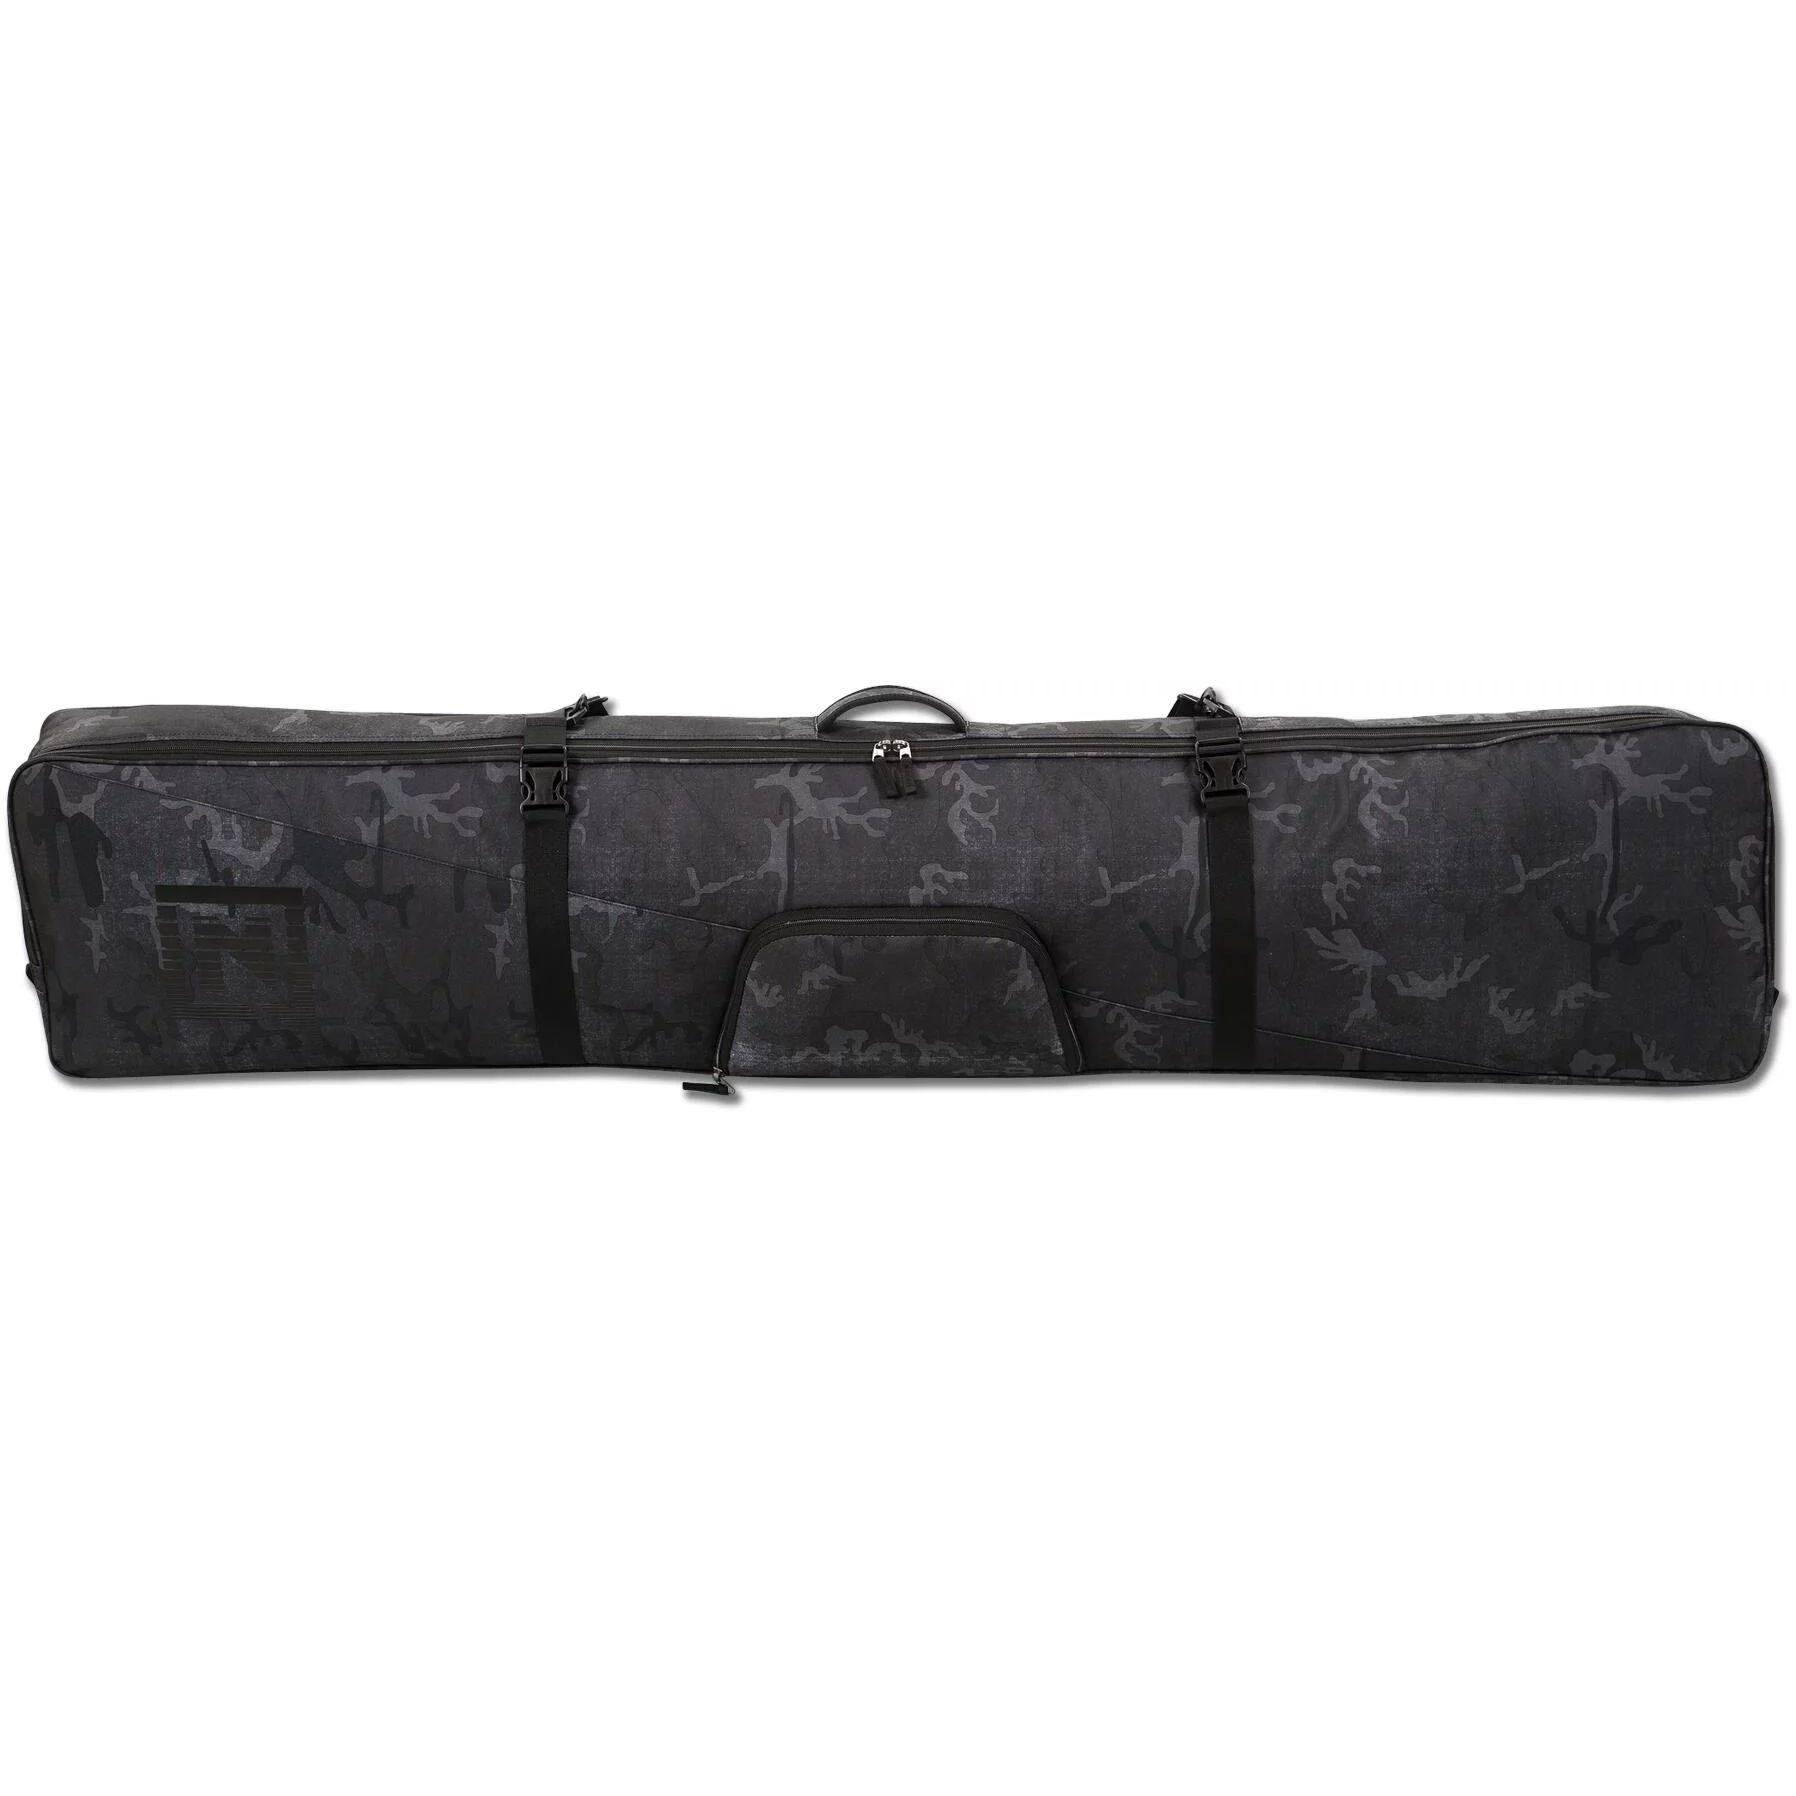 Bags -  nitro Cargo Board Bag